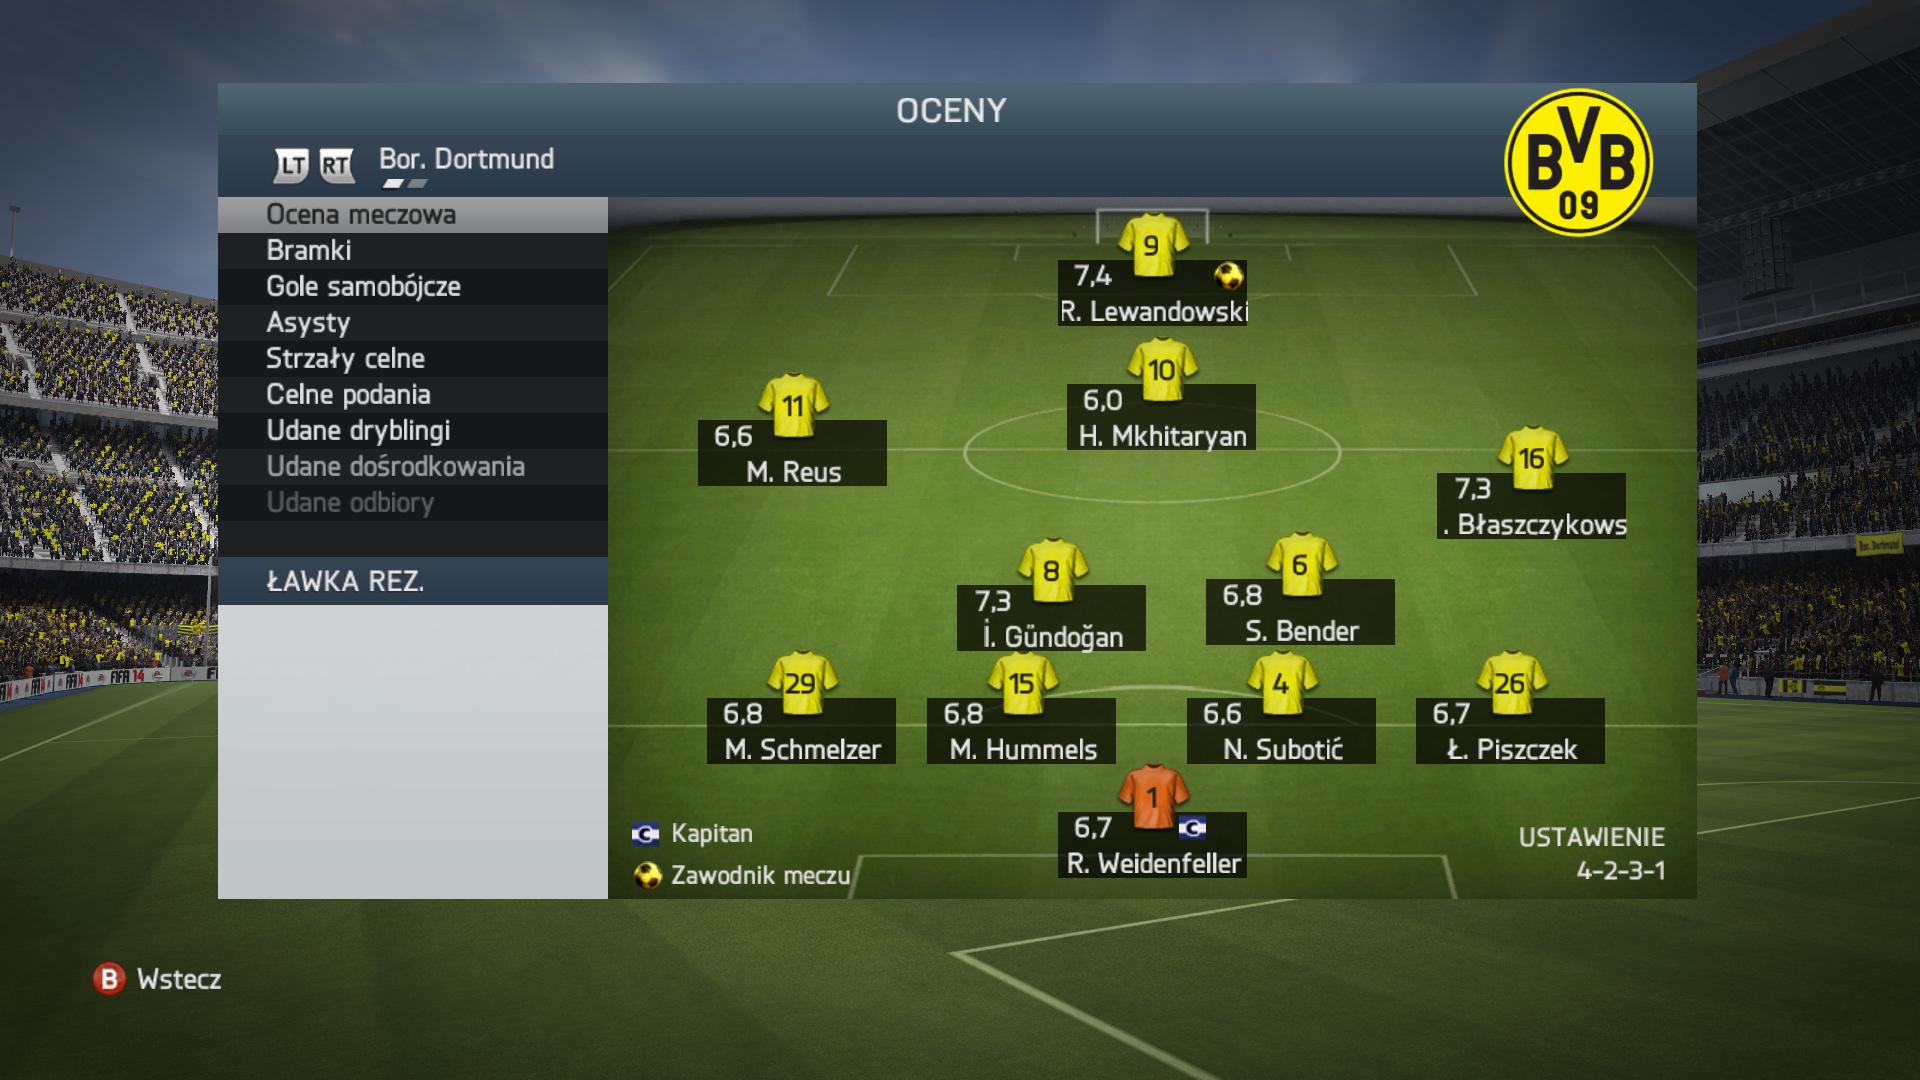 Ocena meczowa zawodników w FIFA 14